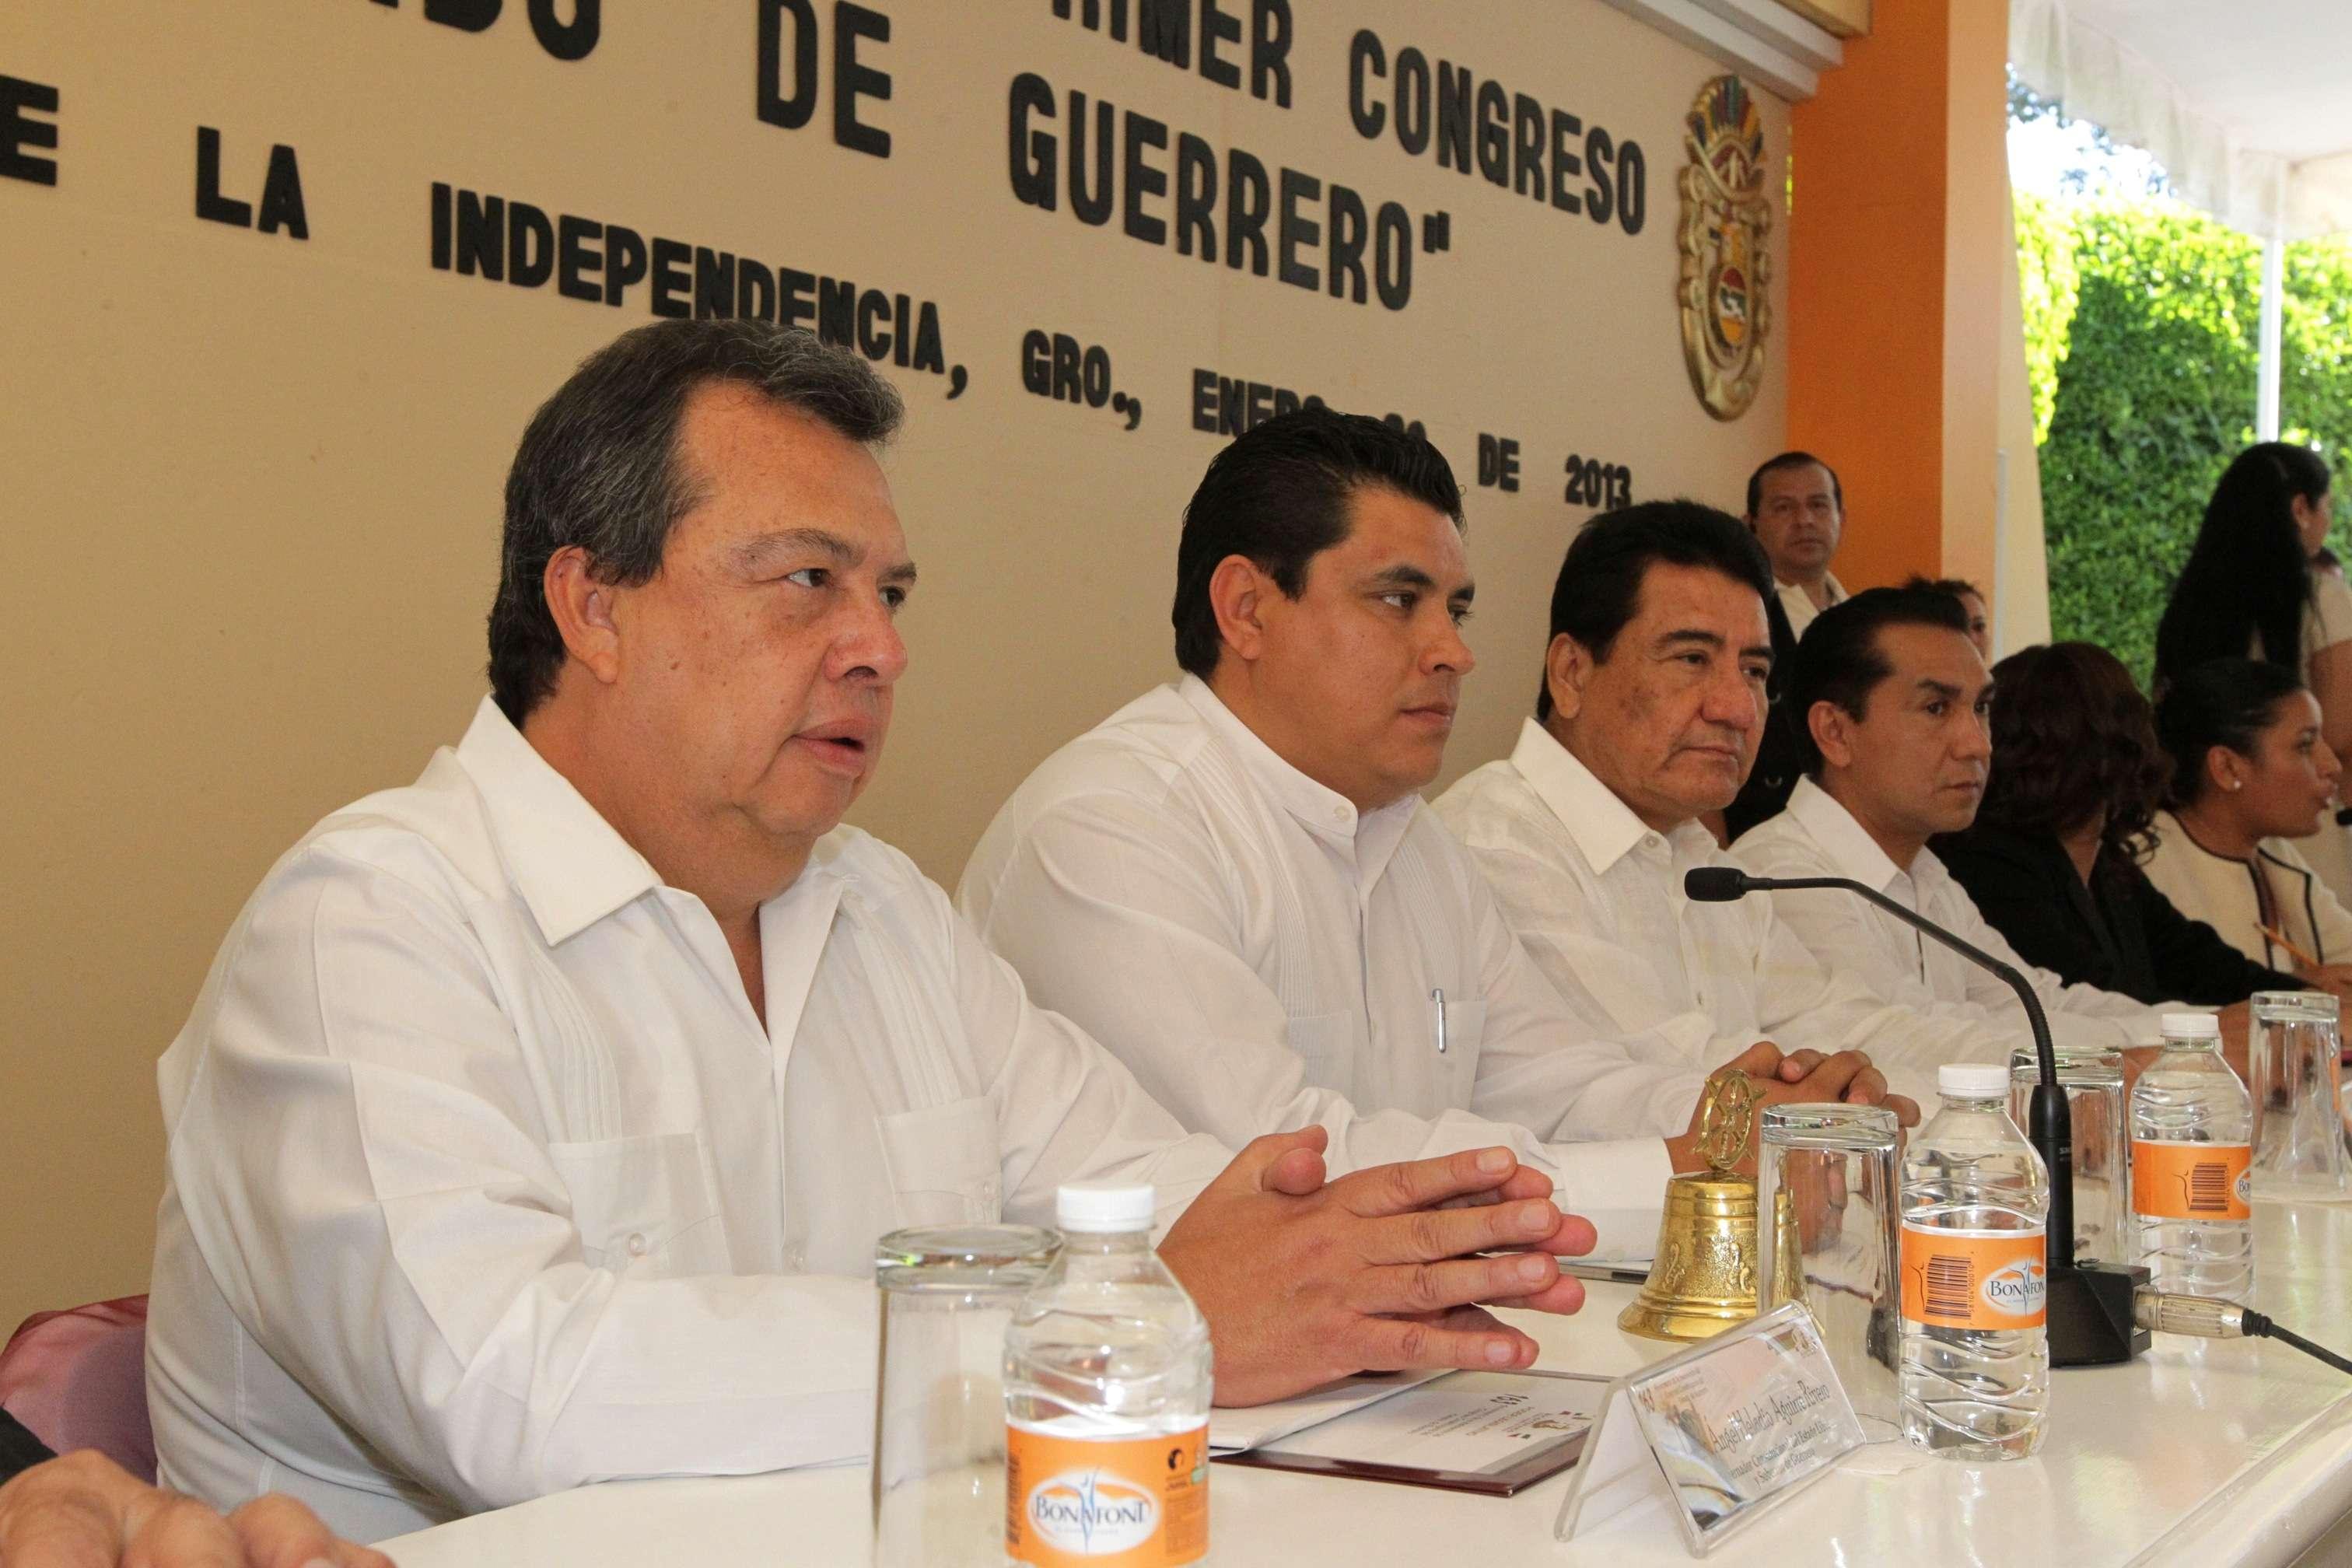 Jesús Martínez Garnelo, junto a José Luis Abarca, en un evento de 2013. Foto: Guerrero.gob.mx